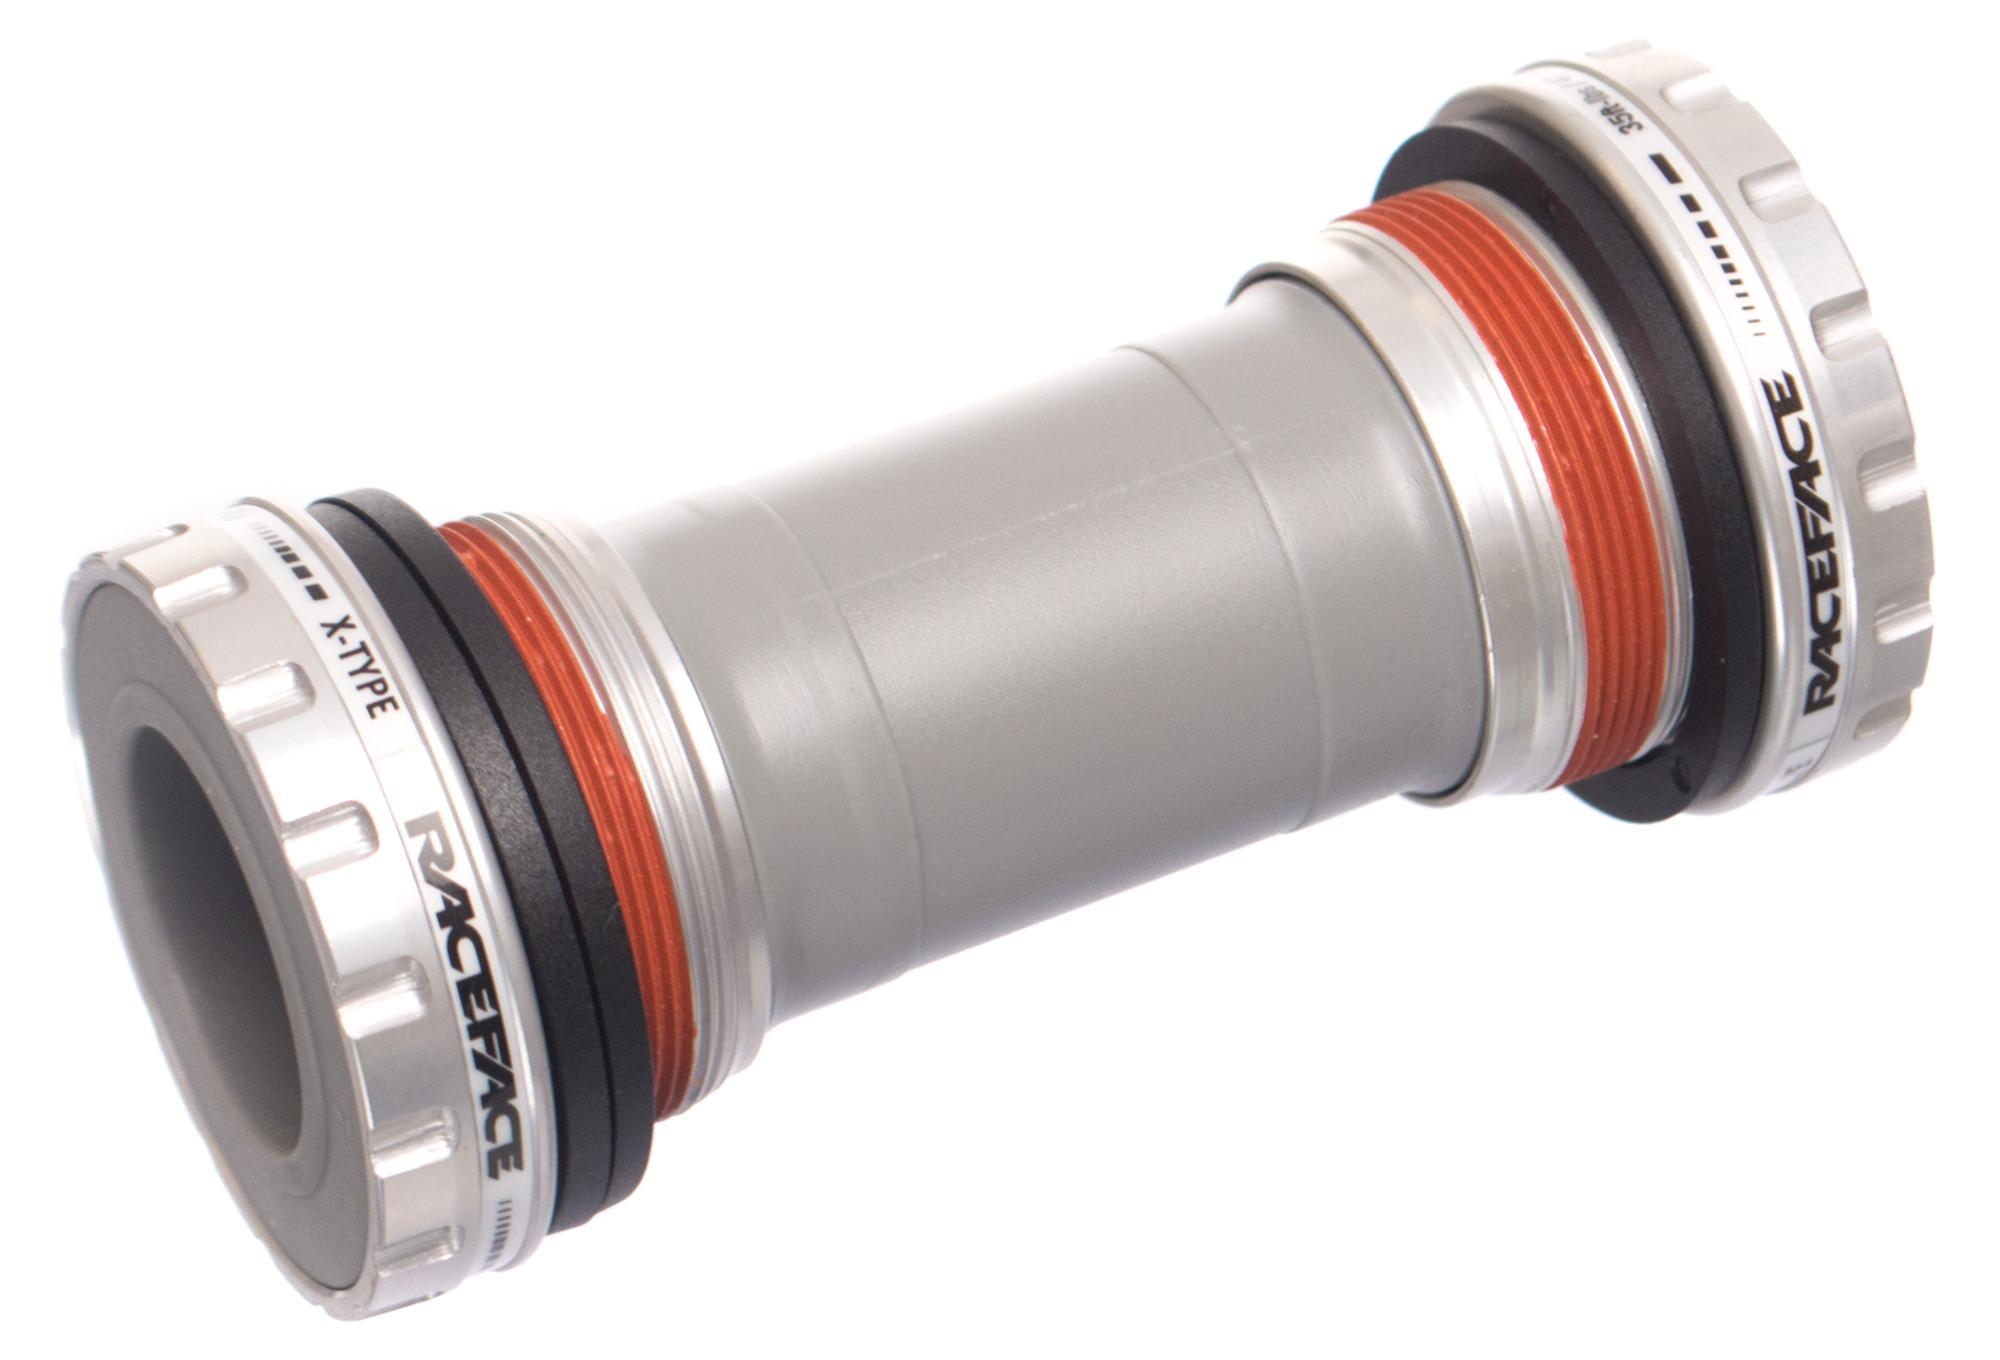 Race Face Team XC X-Type External Bottom Bracket BSA 68//73mm Shell 24mm Spindle